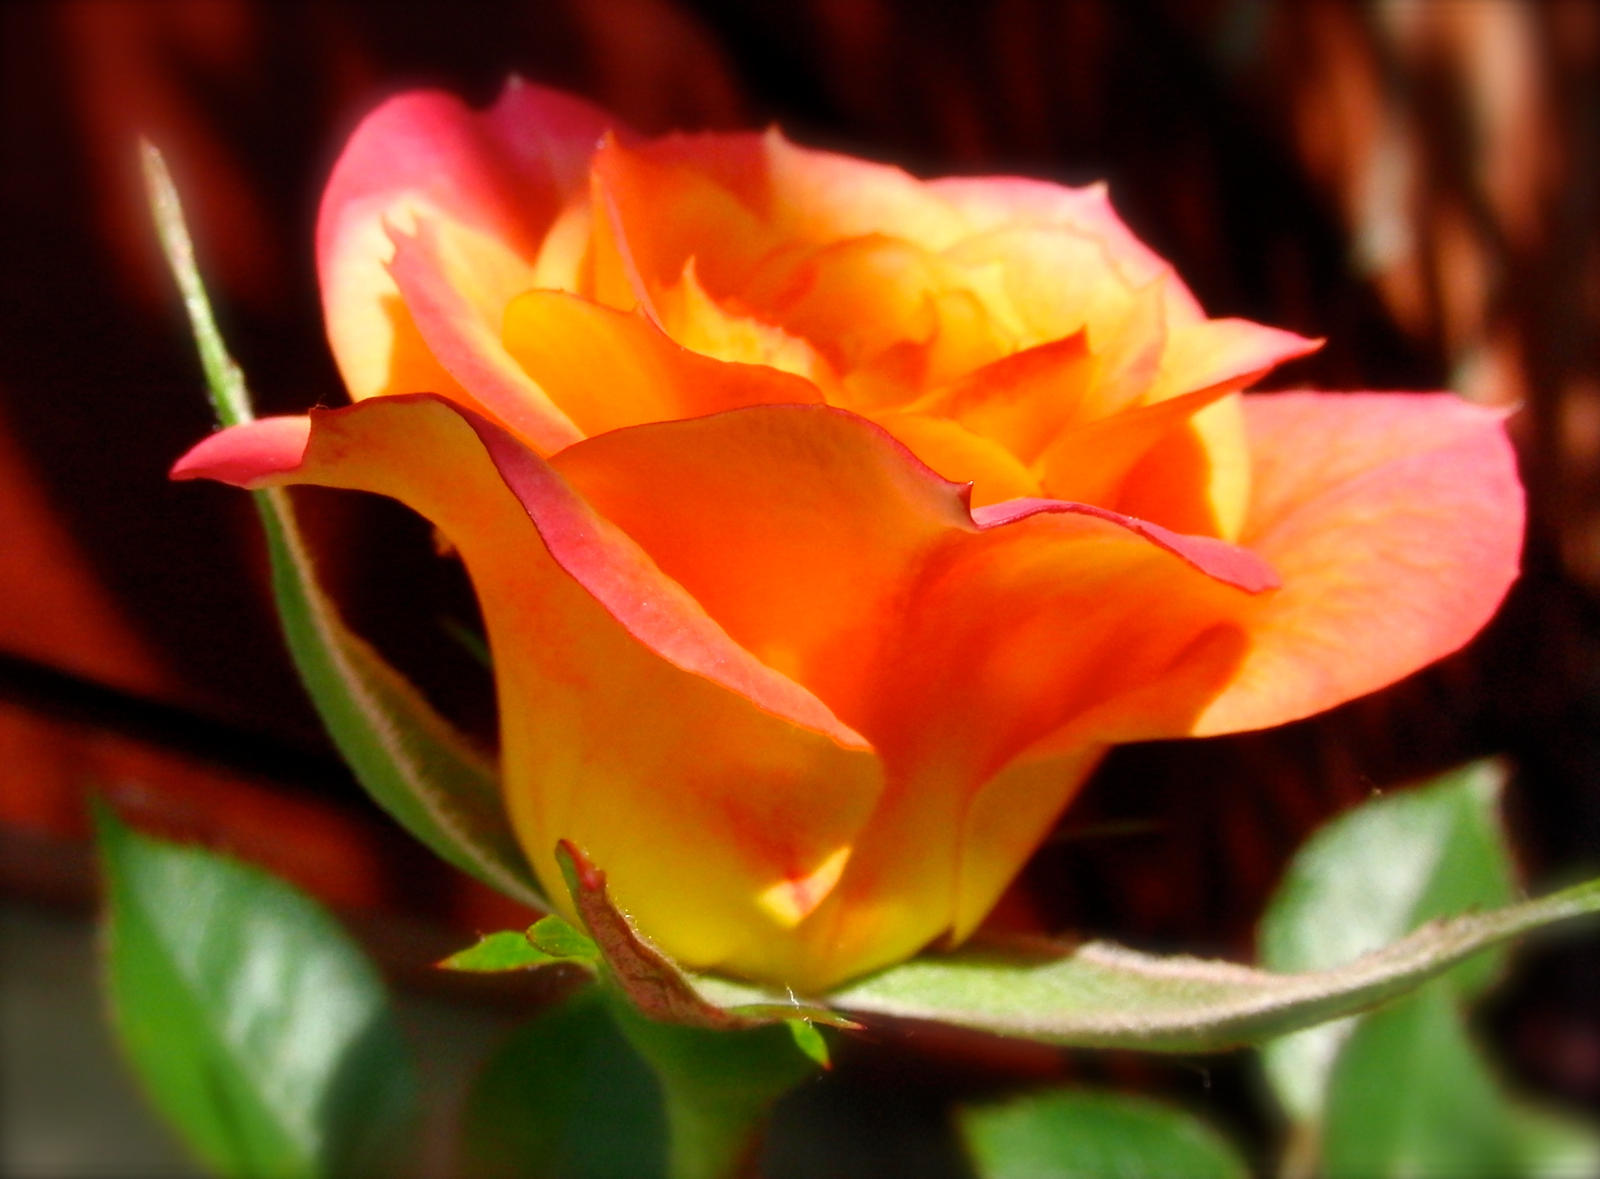 Mandarin by KateHodges